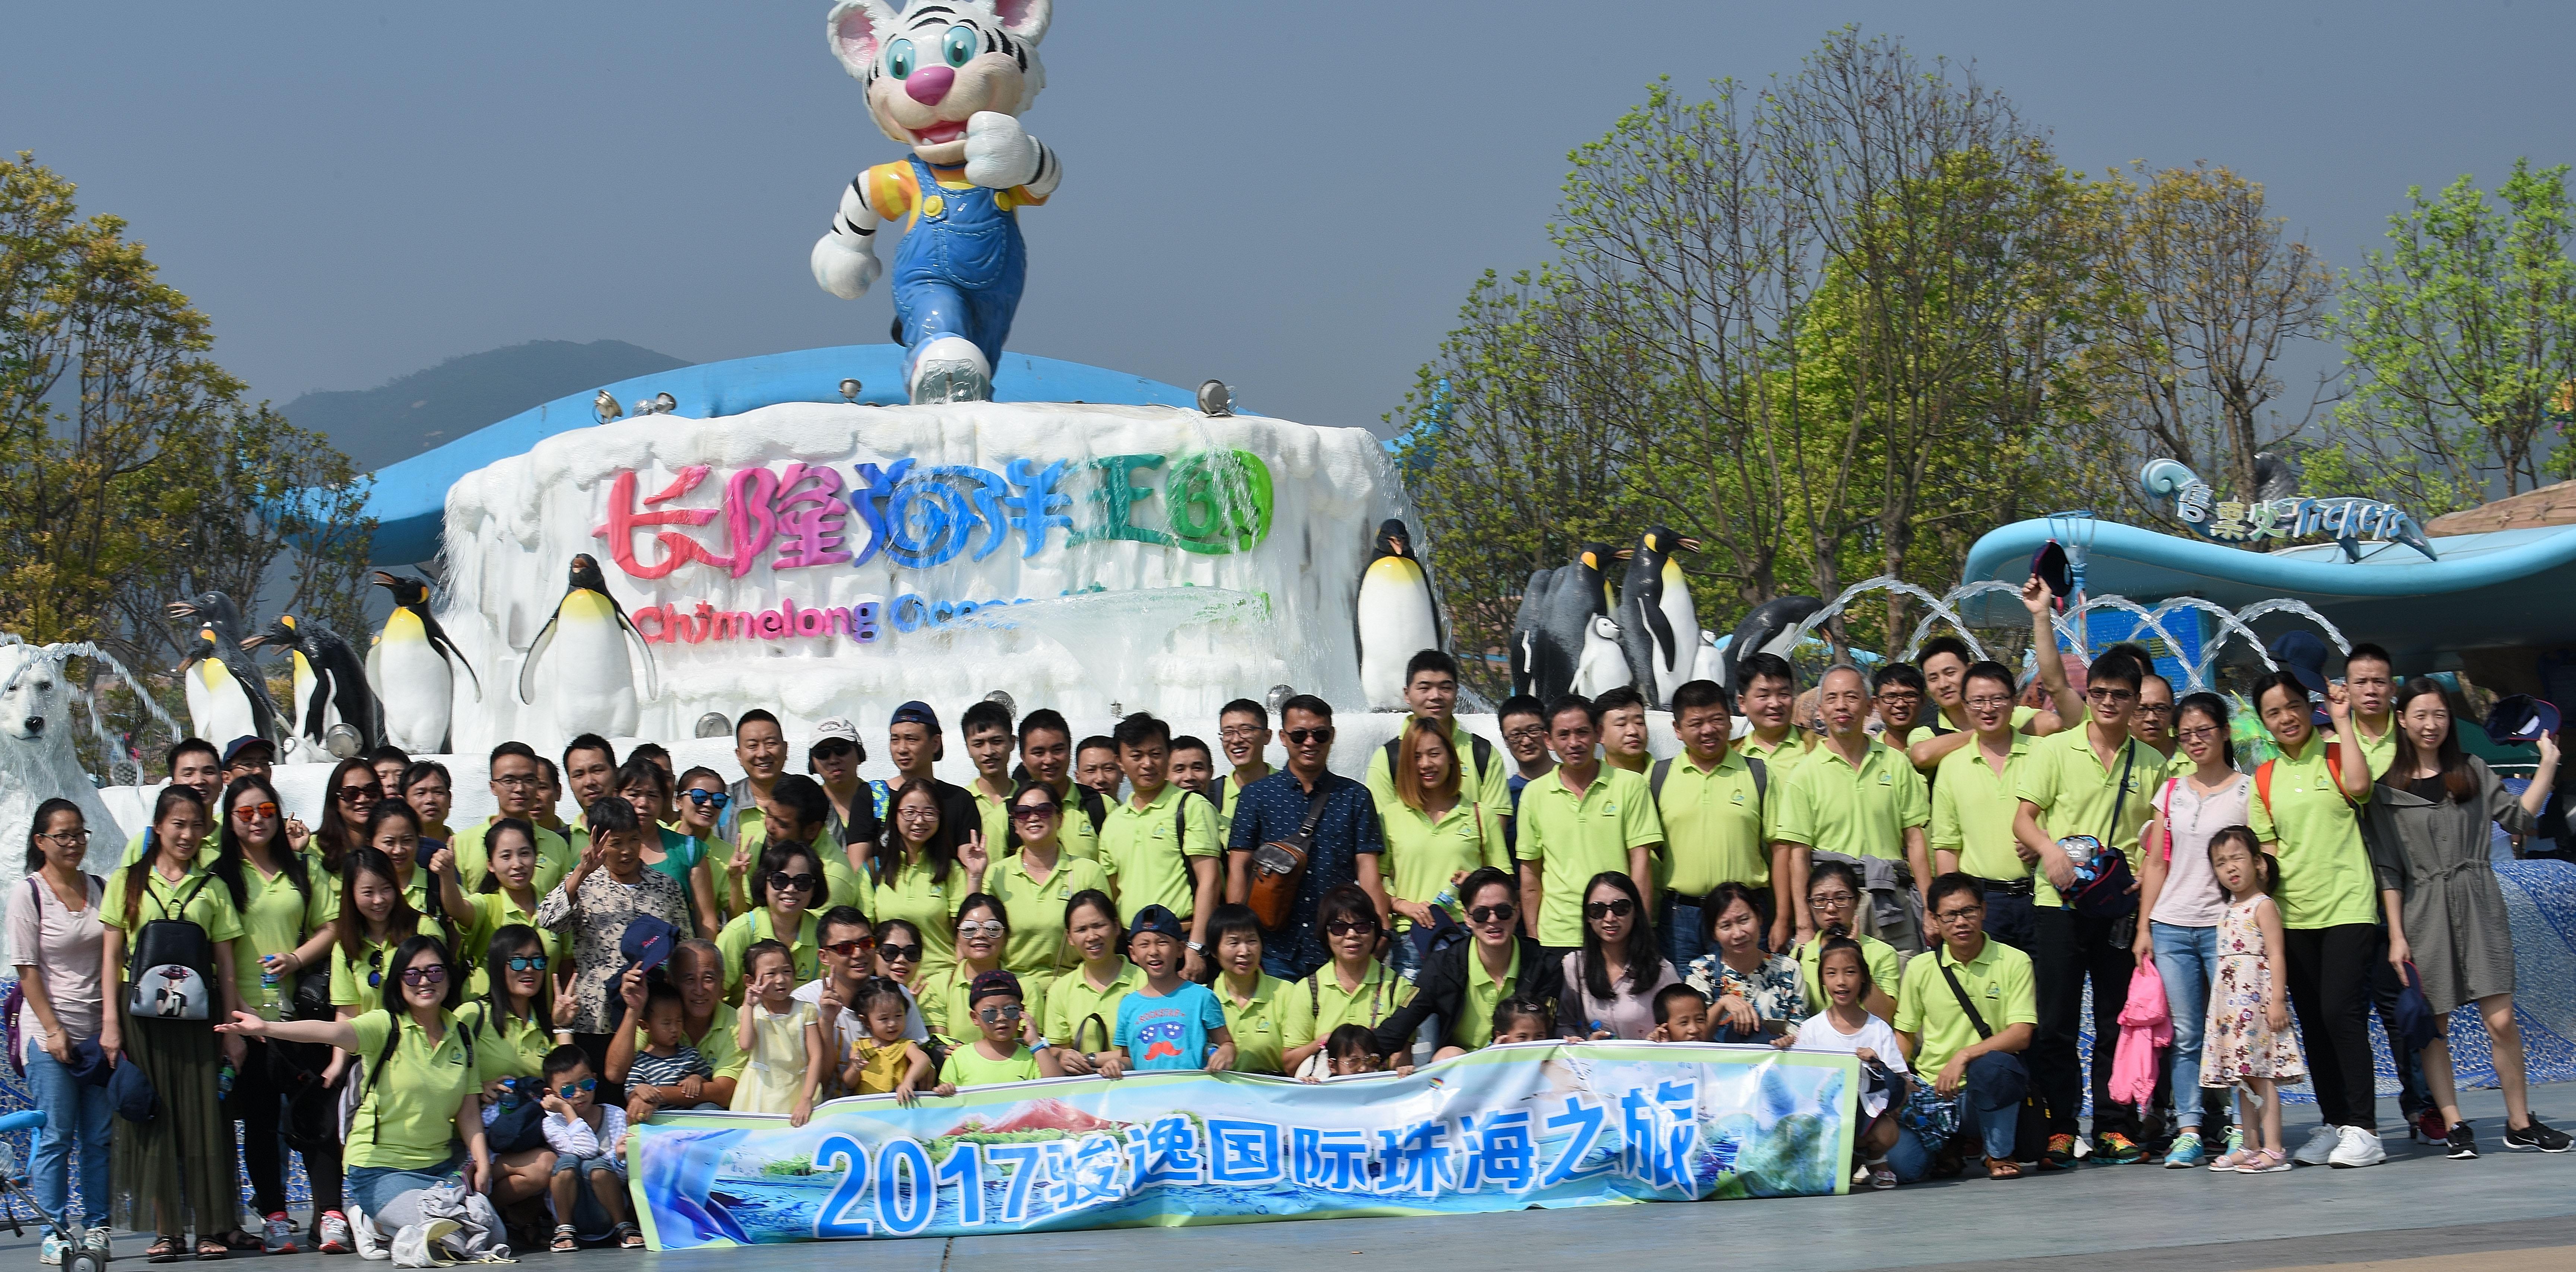 2017 Zhuhai sea kingdom